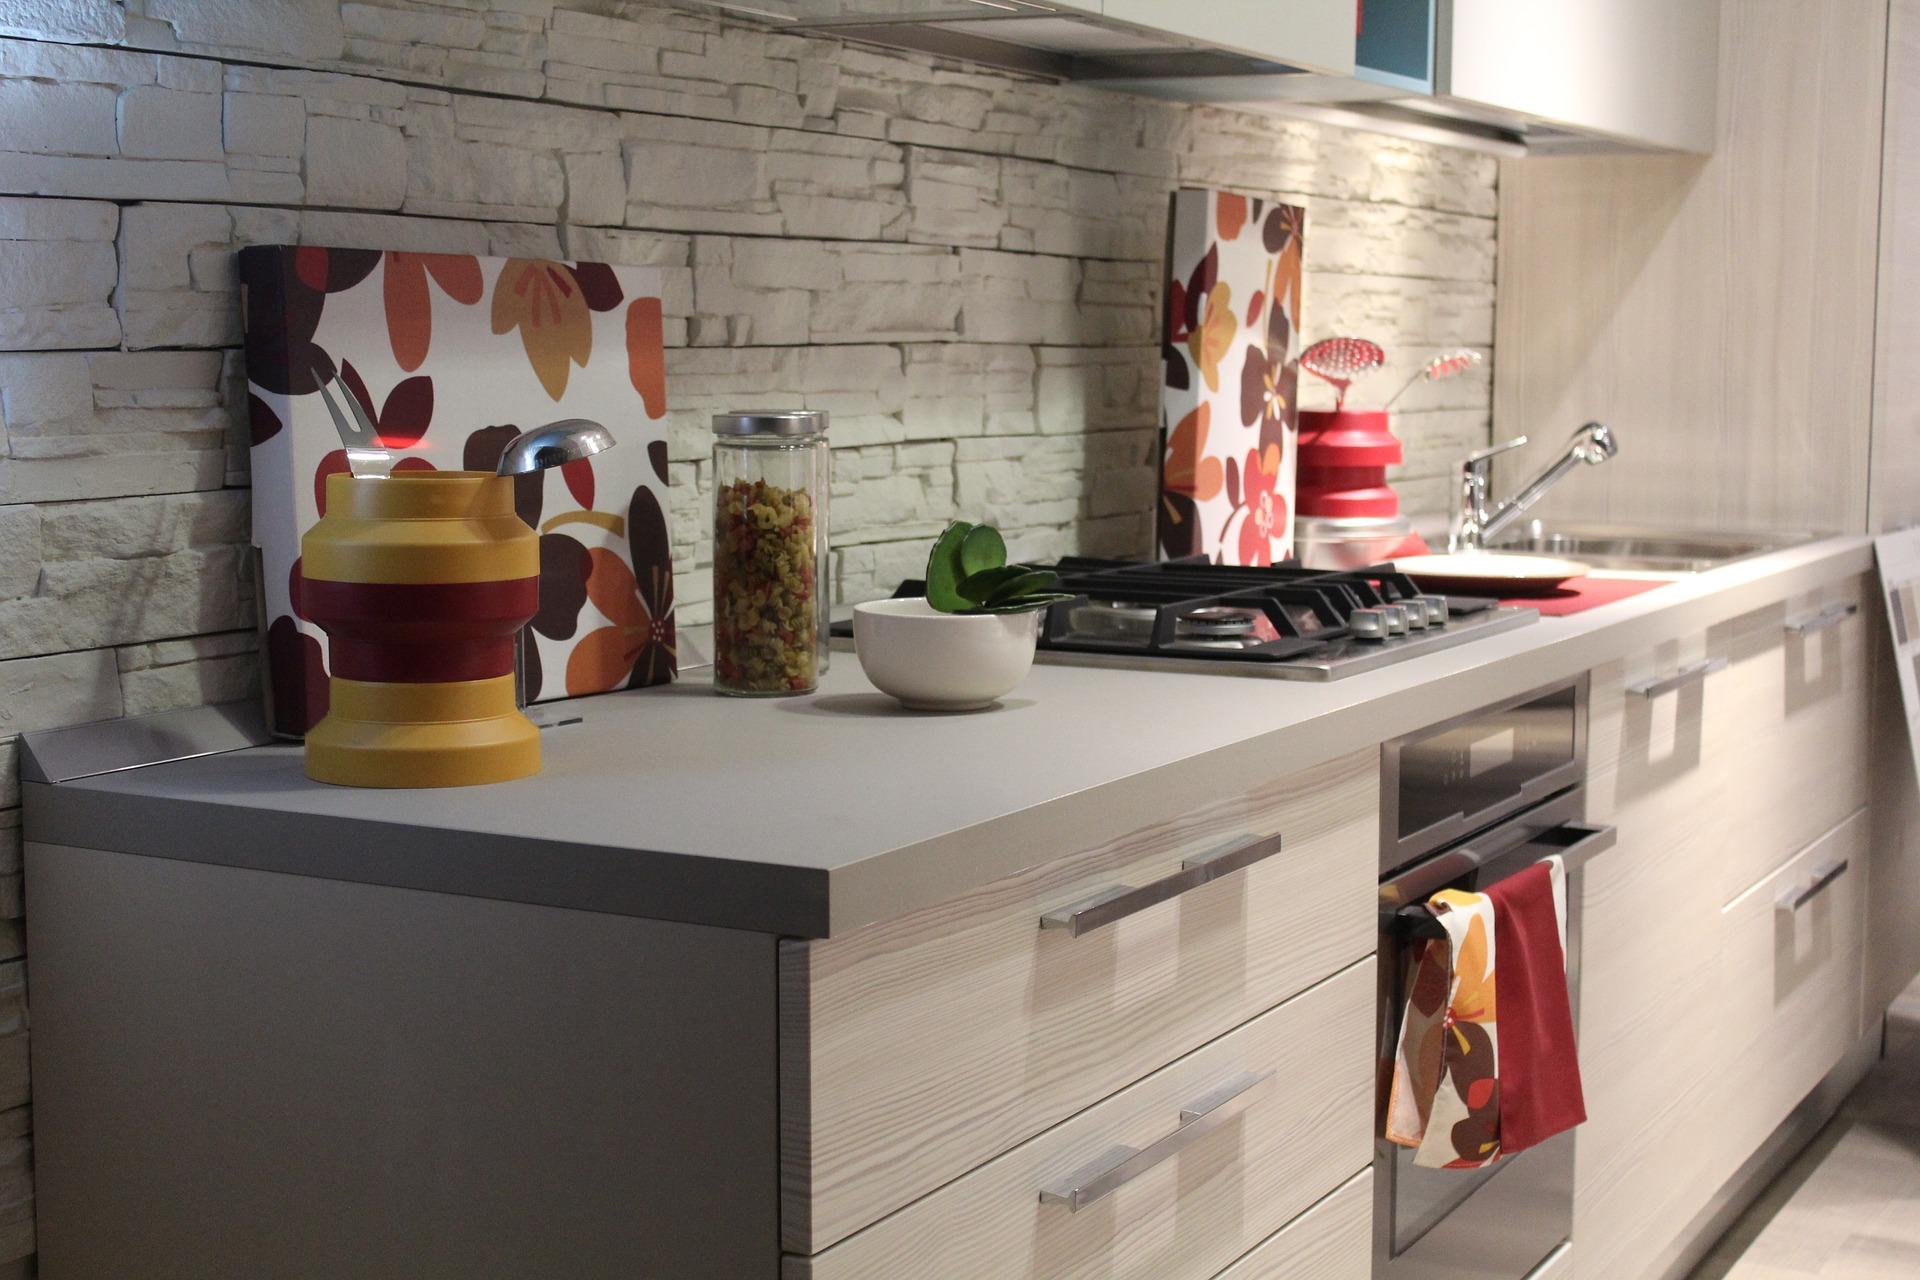 Оптимизация пространства кухни: 3 эффективных лайфхака